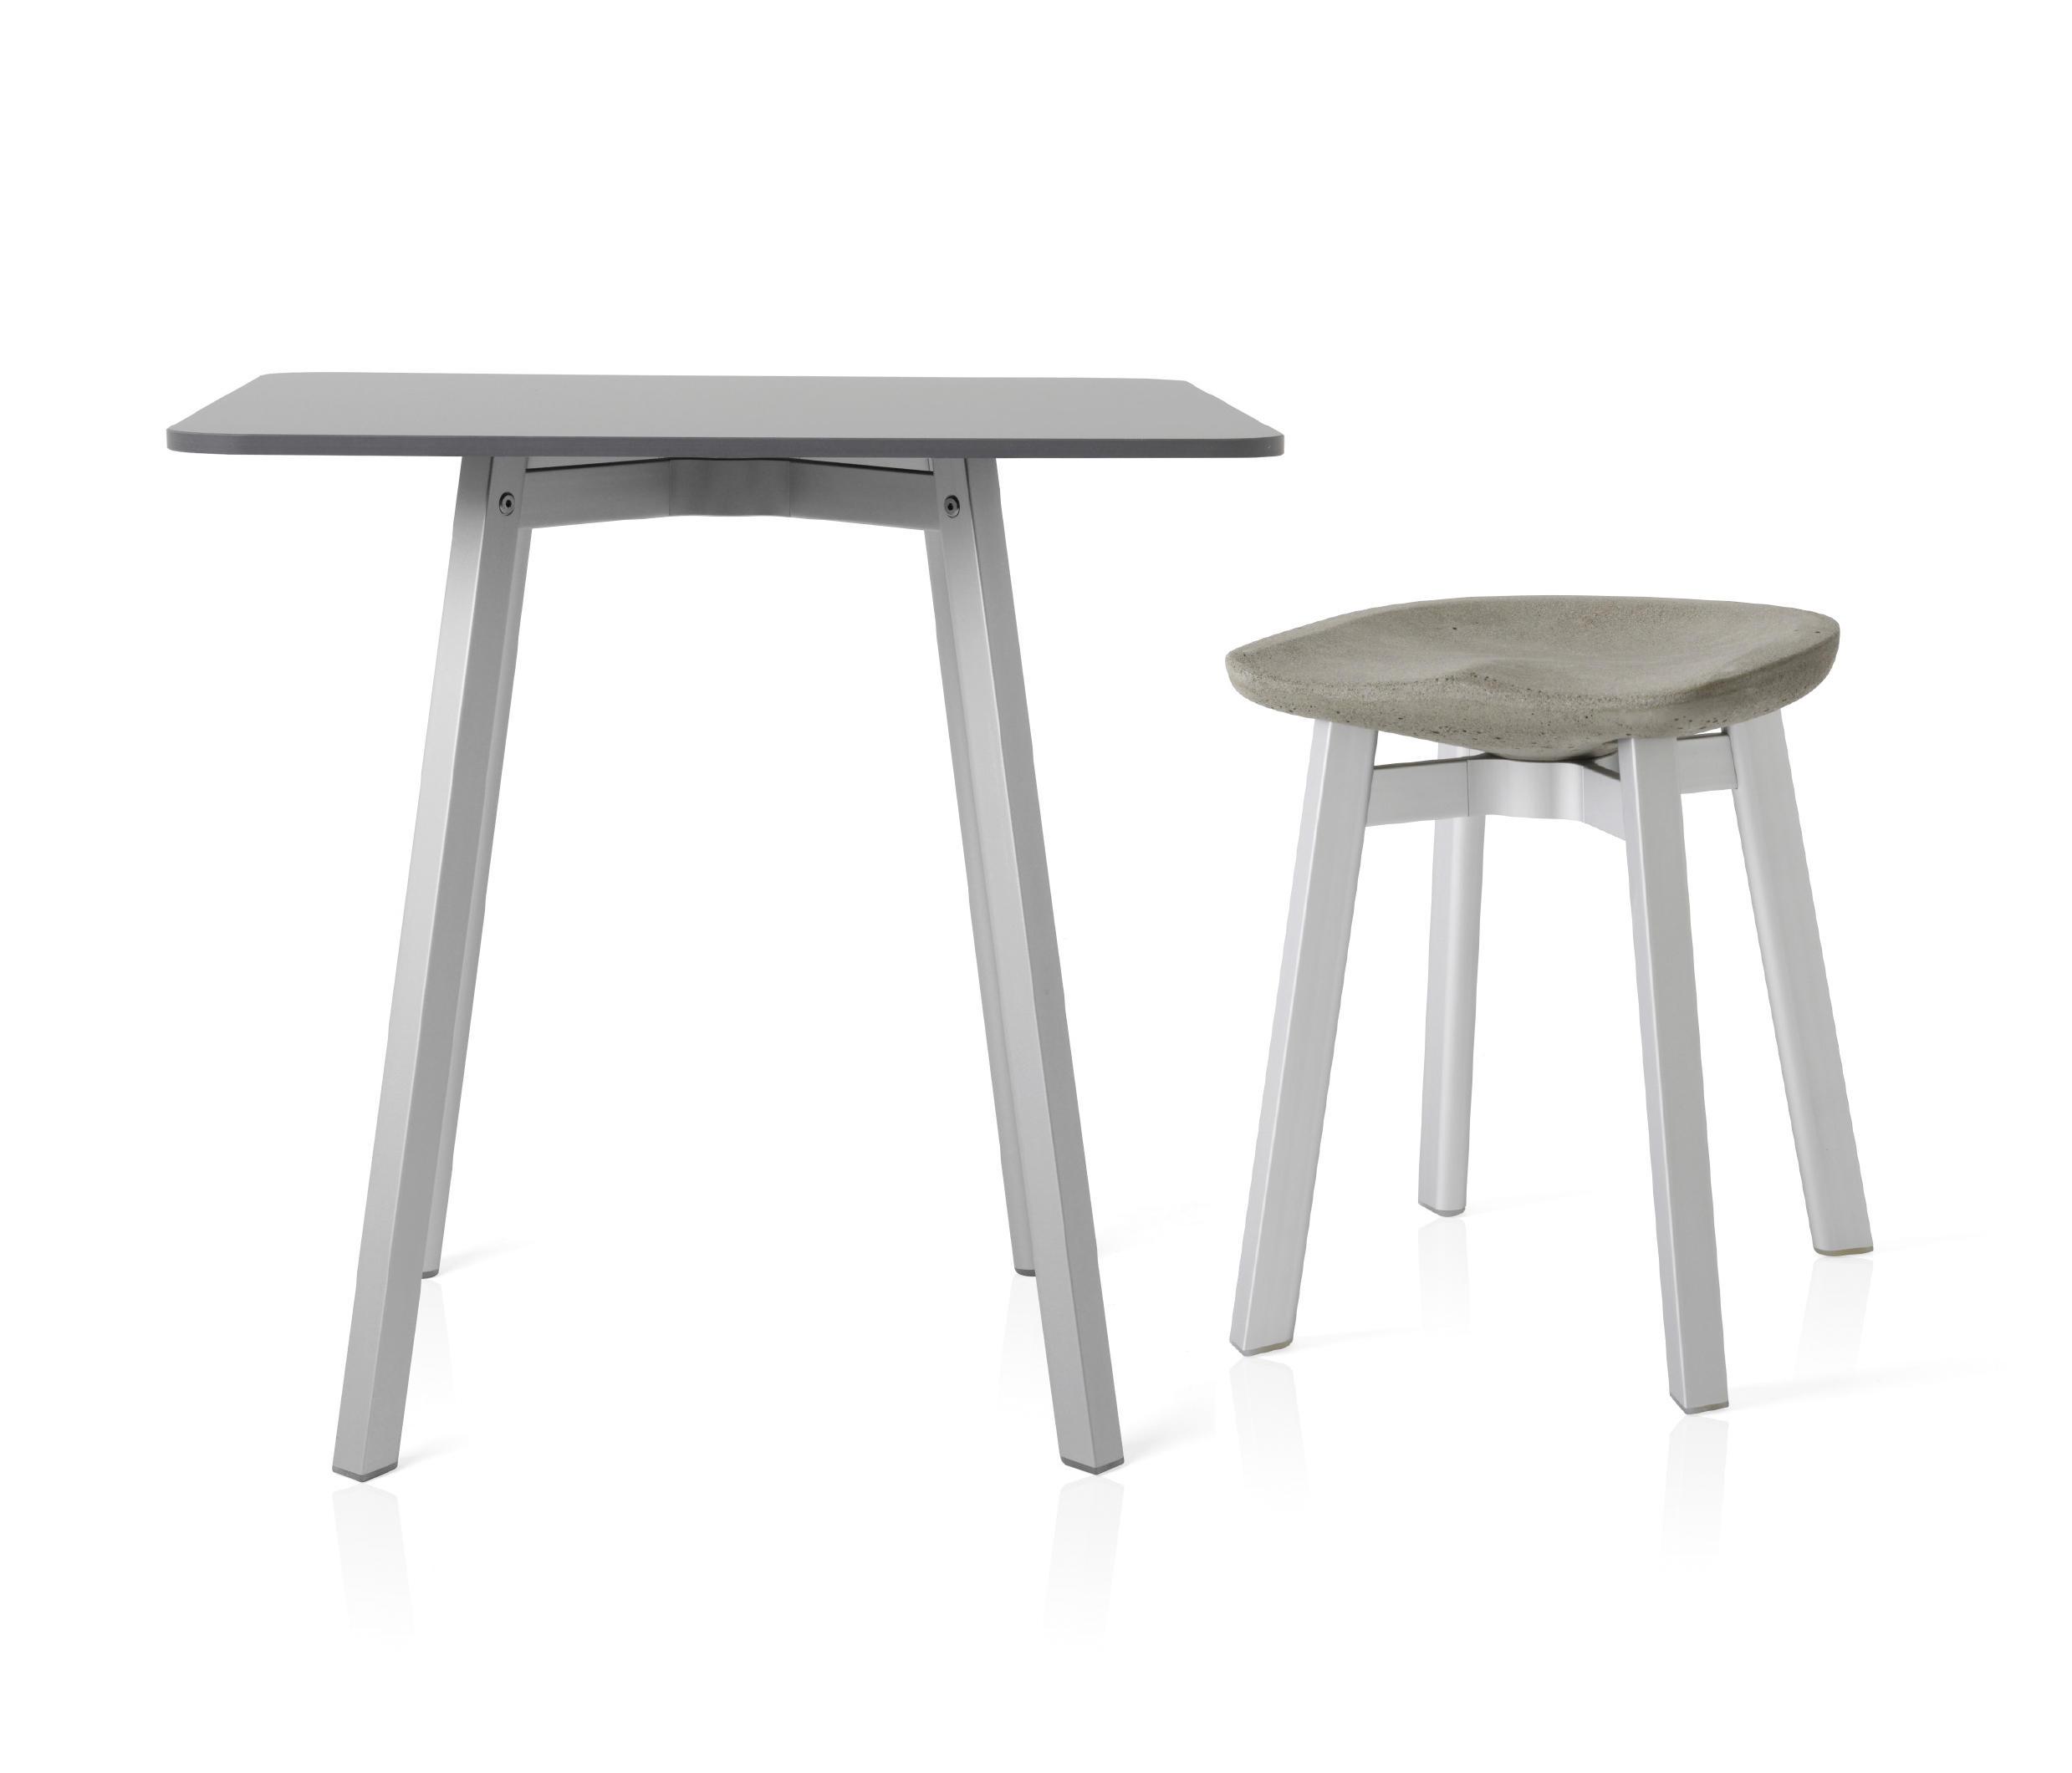 emeco su small stool stools from emeco architonic